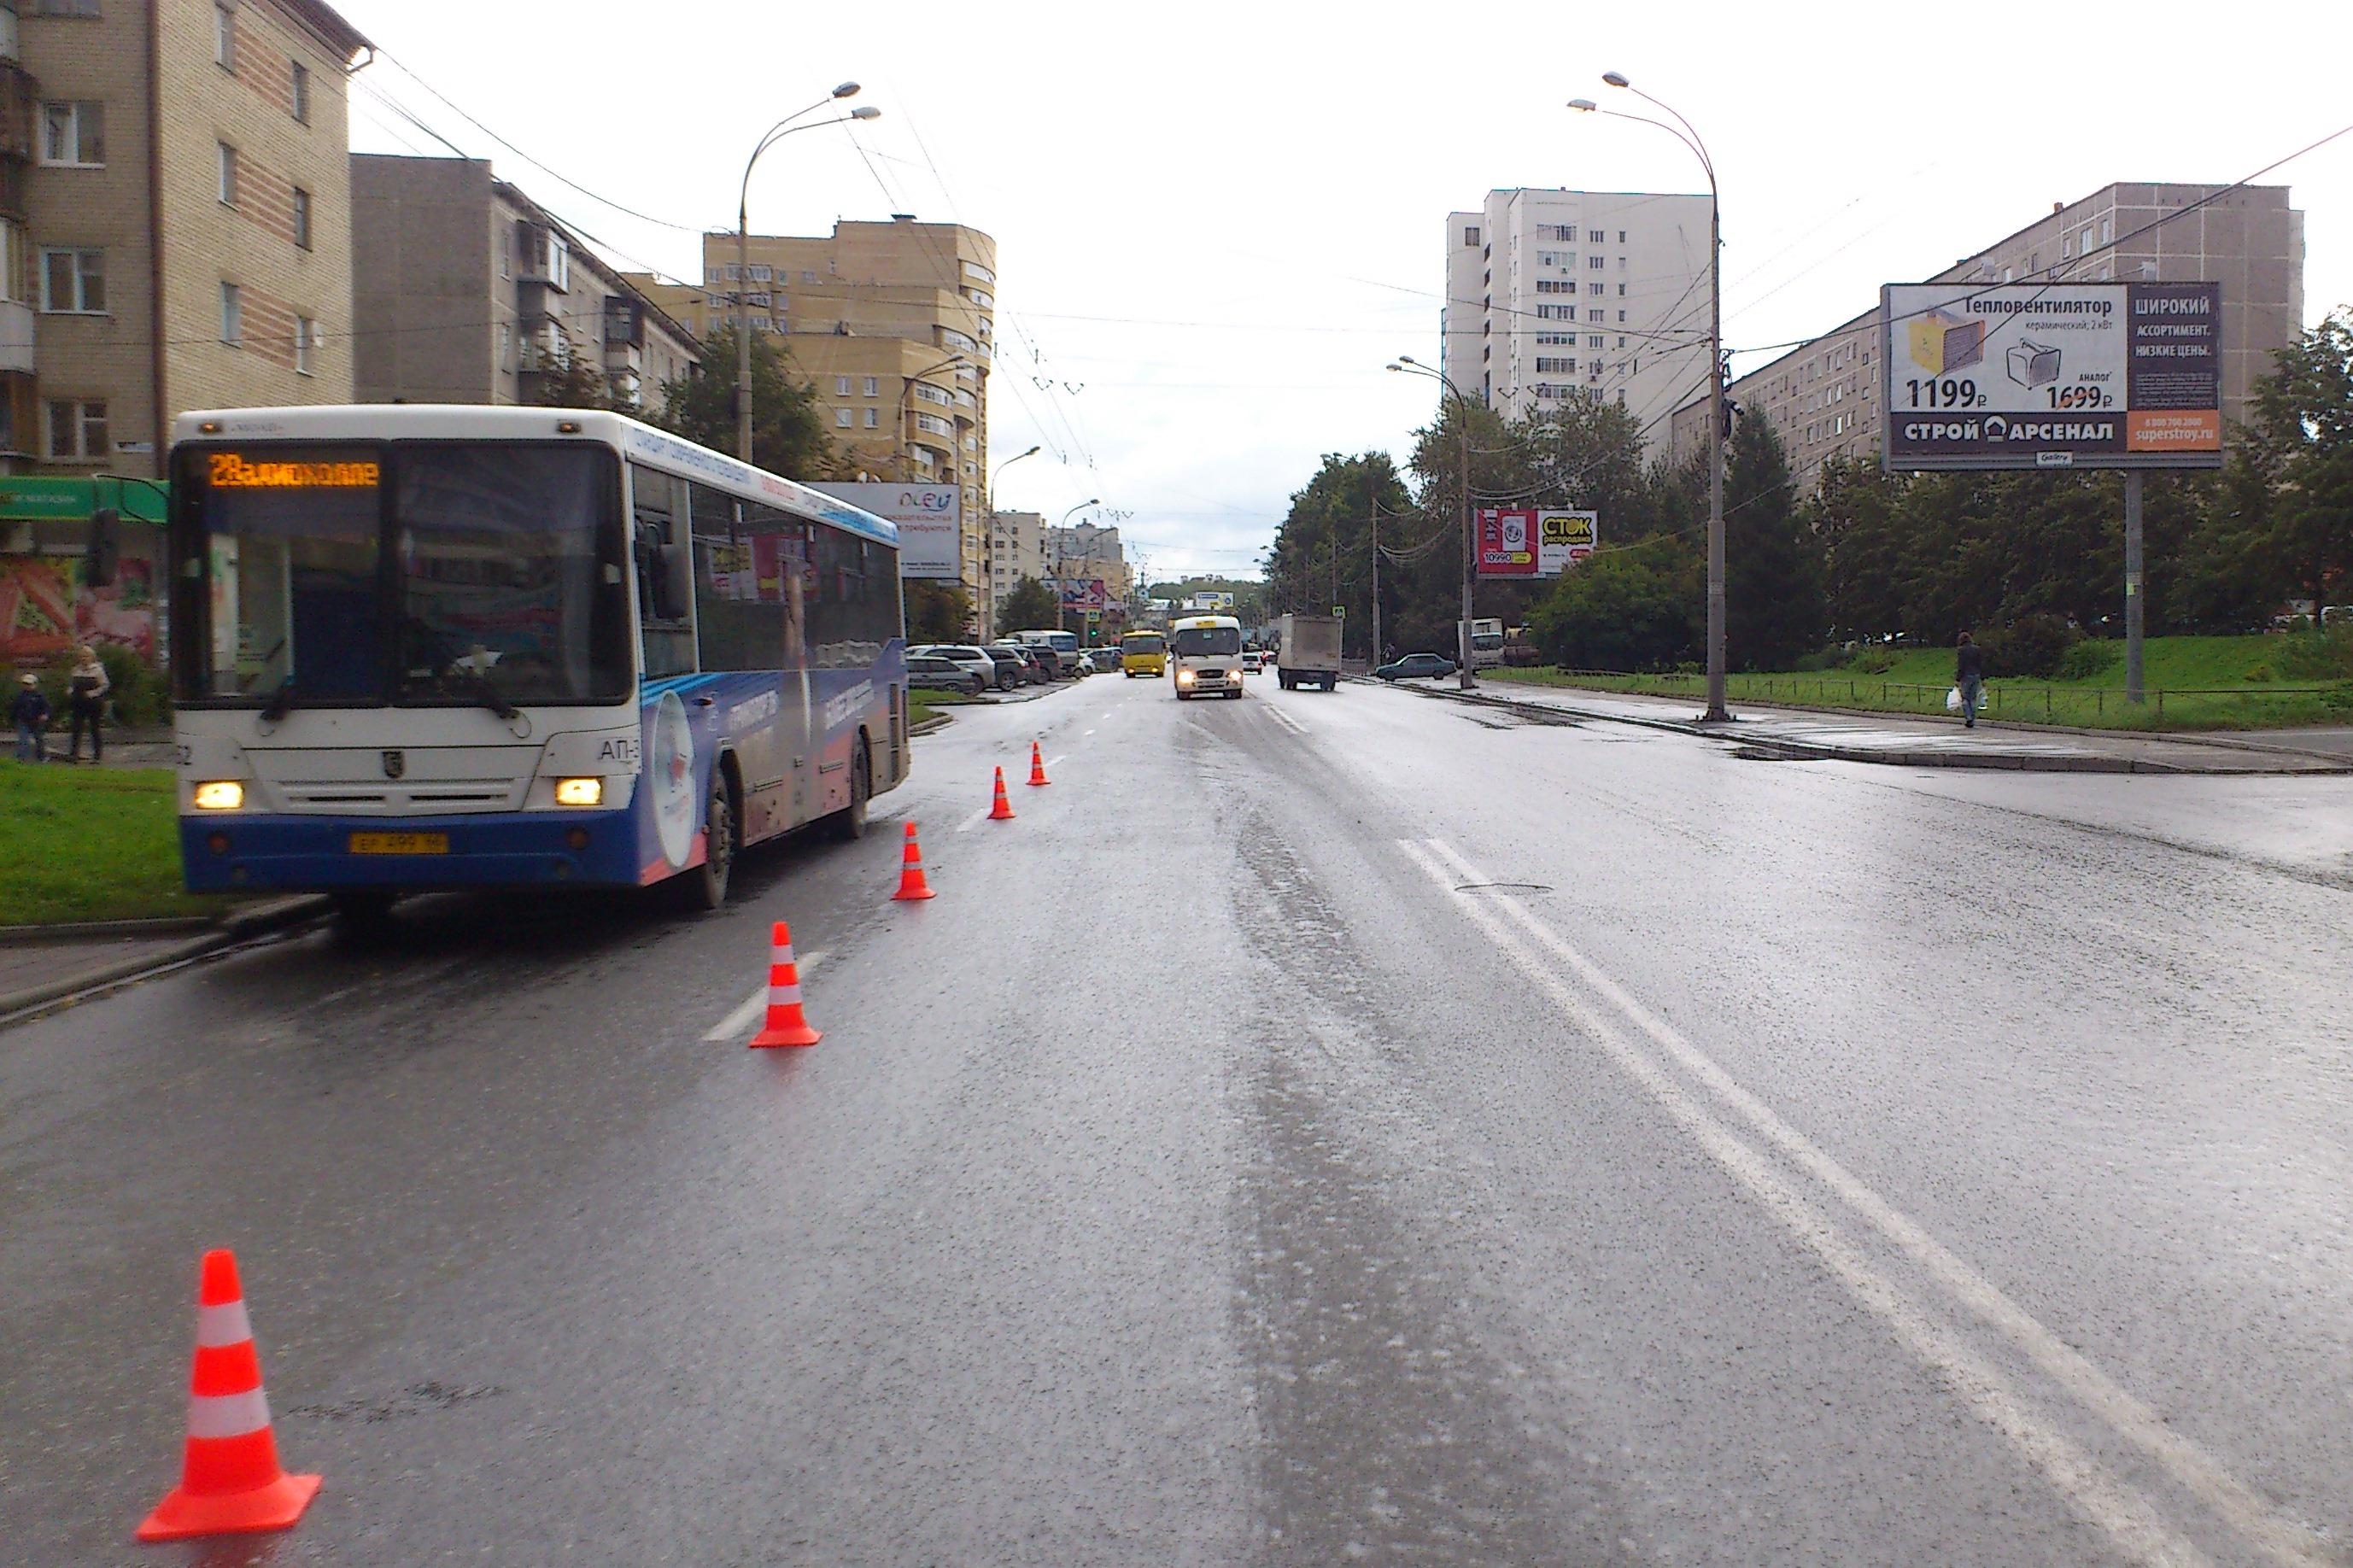 На Крауля автобус насмерть сбил пенсионера